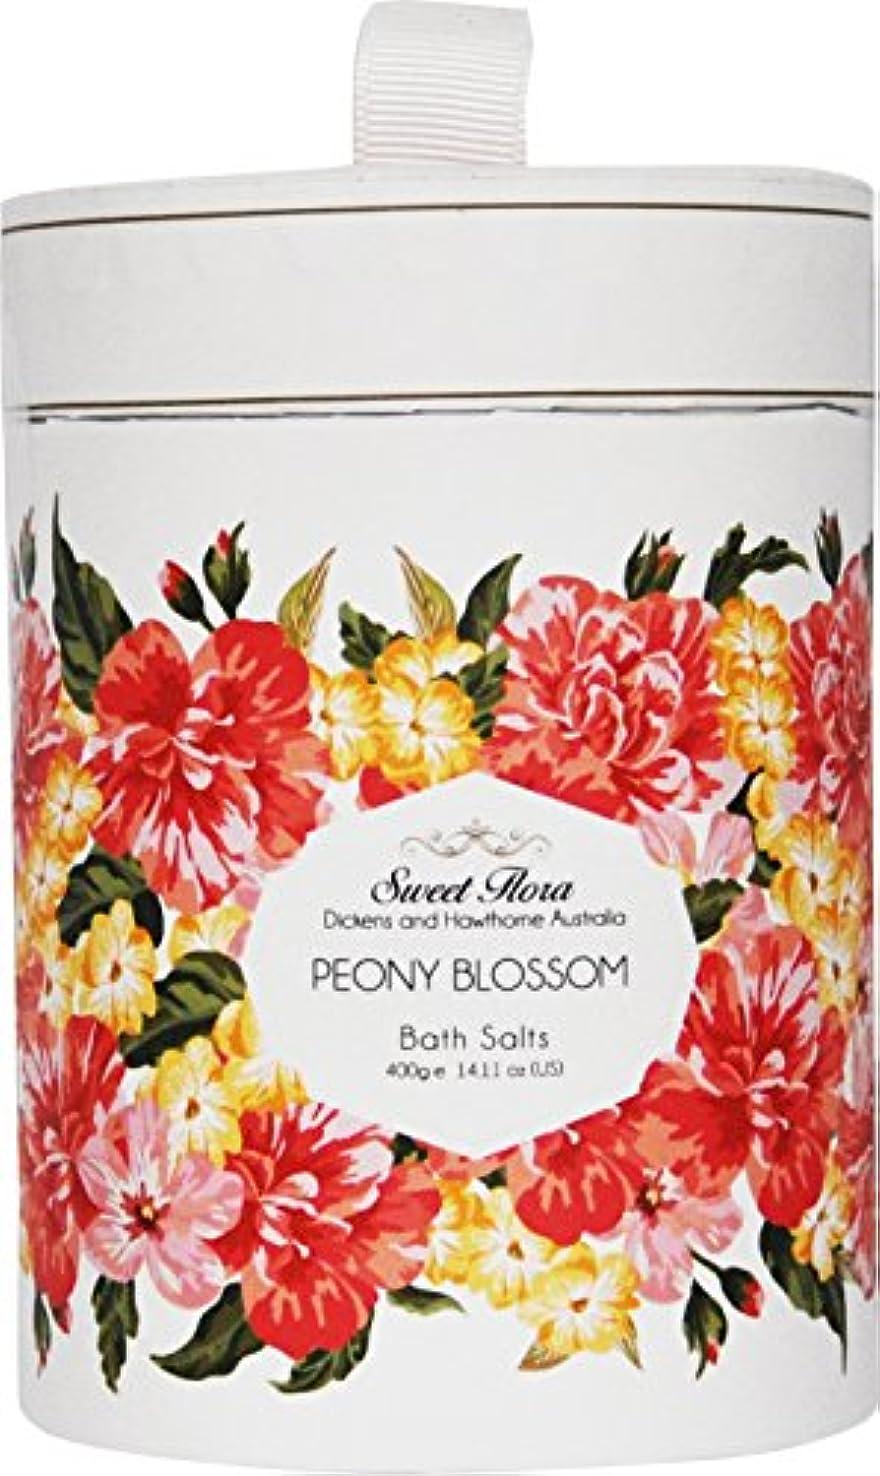 公演参加者競合他社選手Sweet Flora スウィートフローラ Bath Salt バスソルト Peony Blossom ピオニーブロッサム